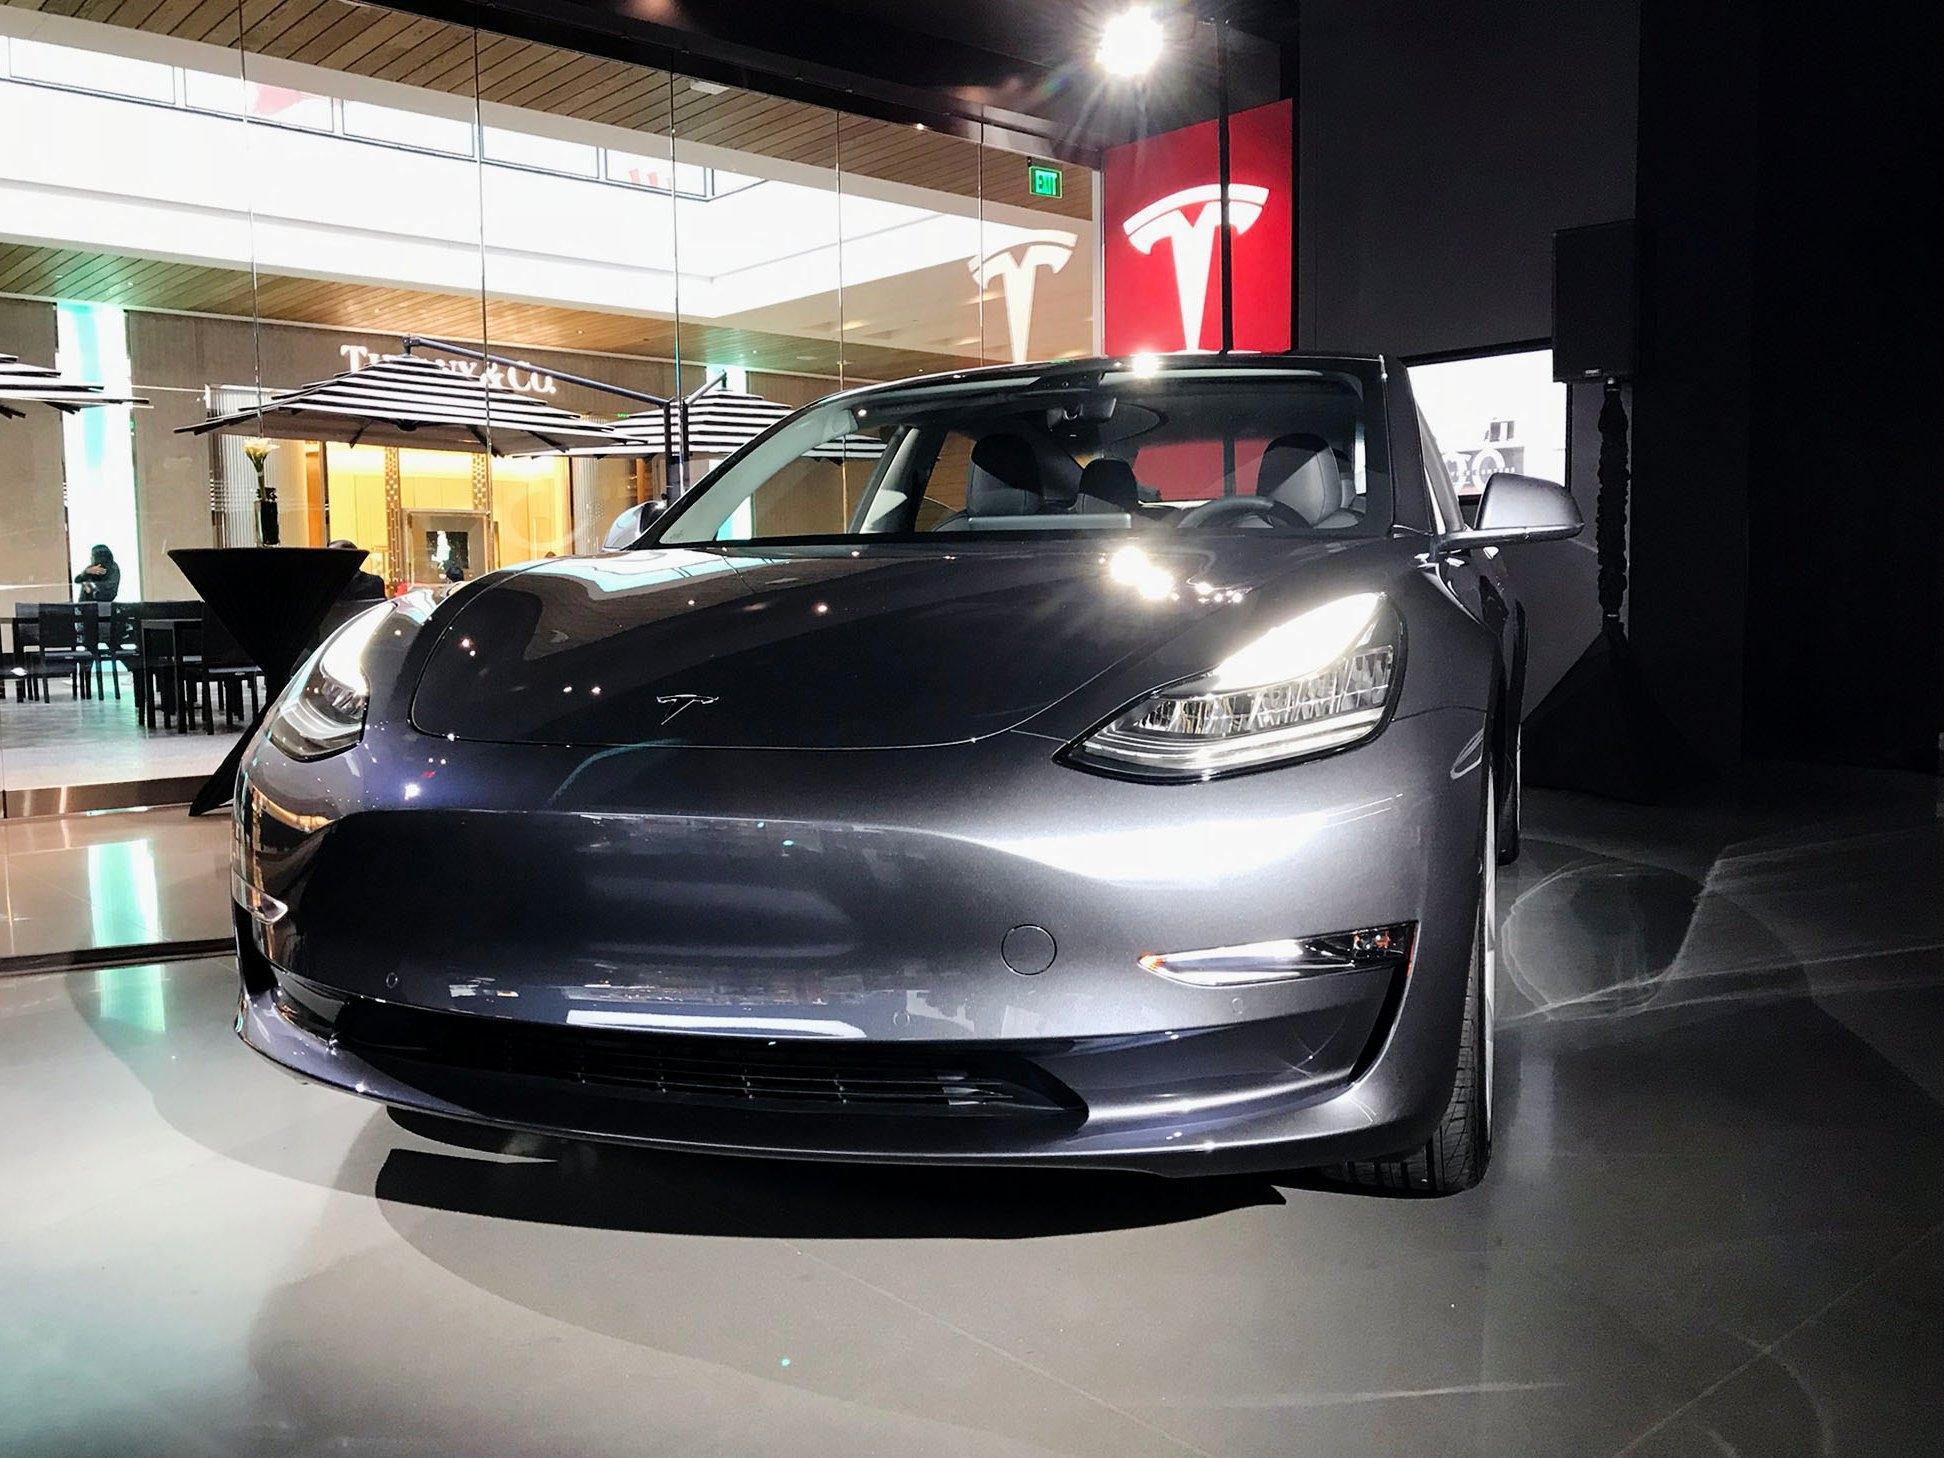 Серийные электромобили Tesla Model 3 впервые появились в магазинах